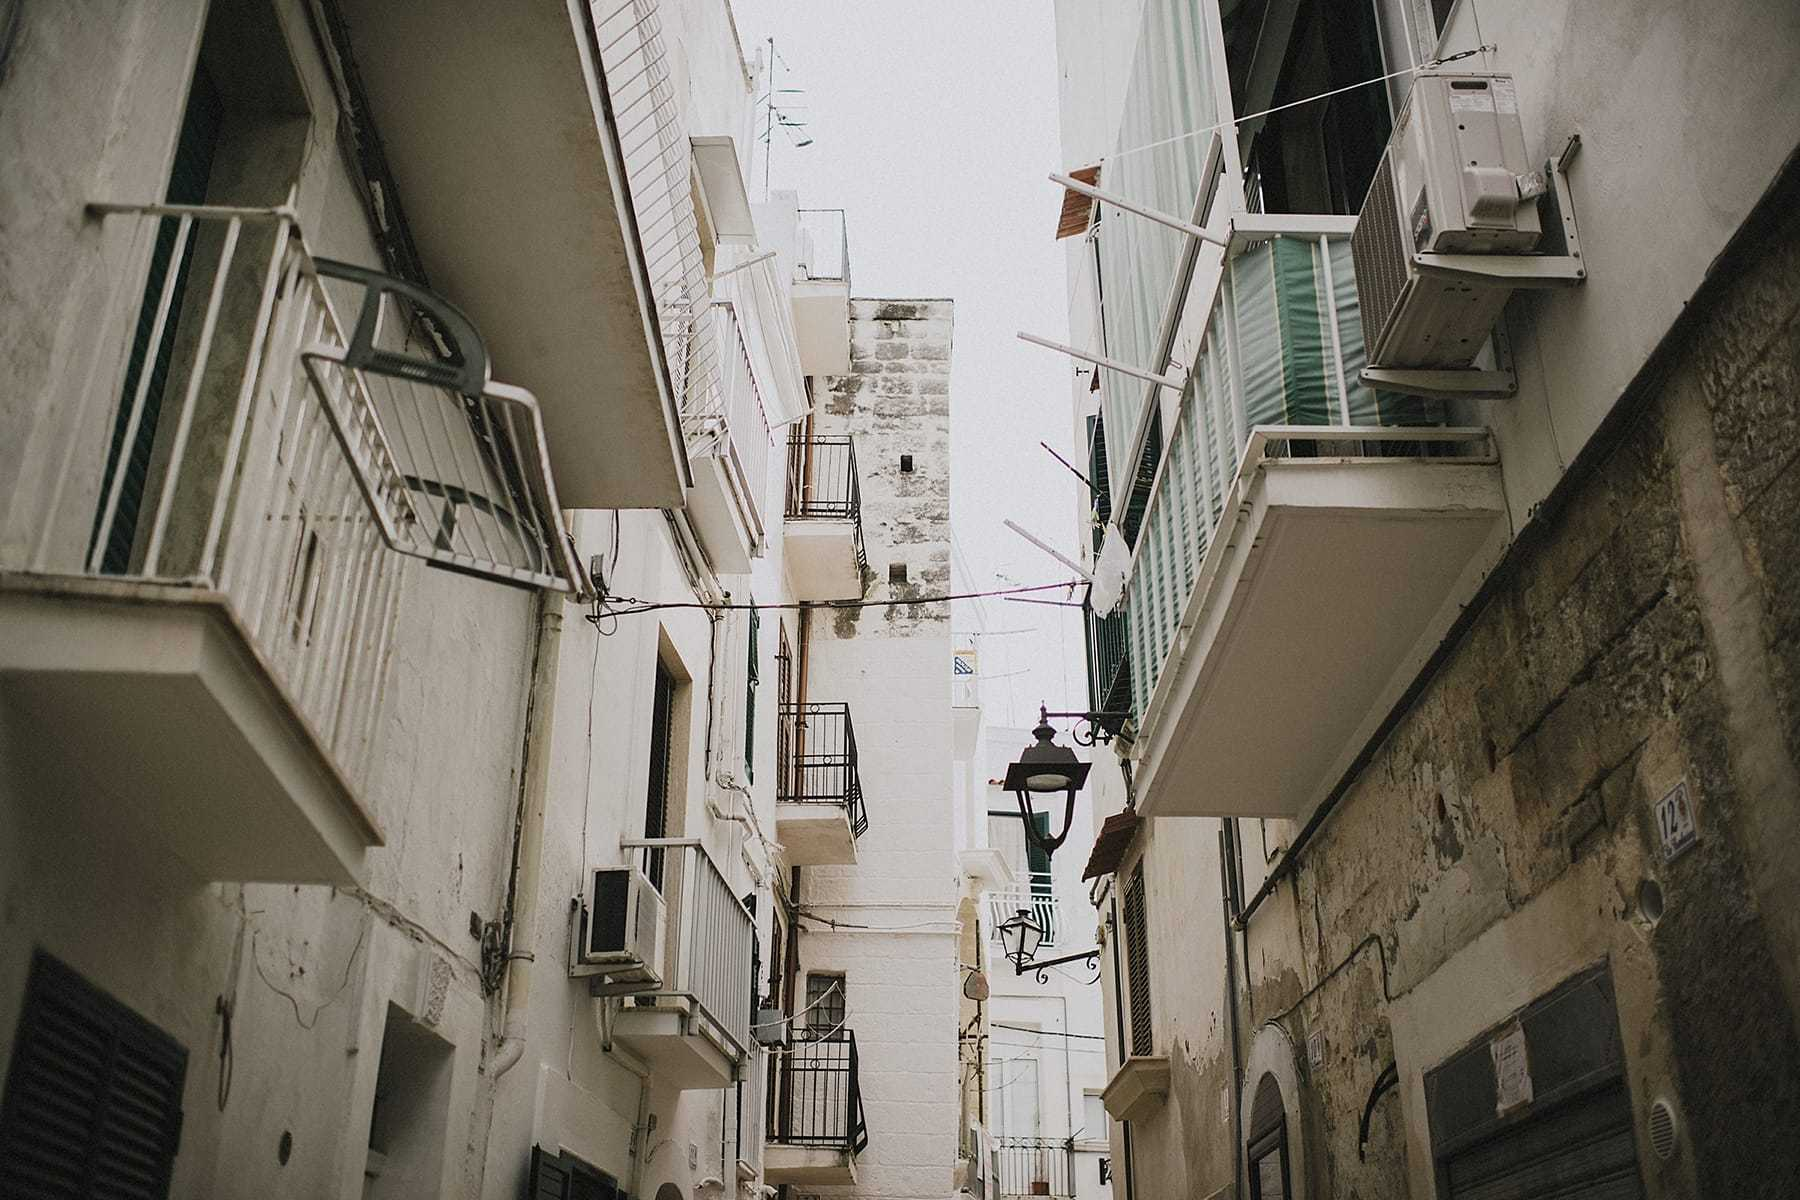 hilario_sanchez_fotografo_boda_ostuni_italia_142